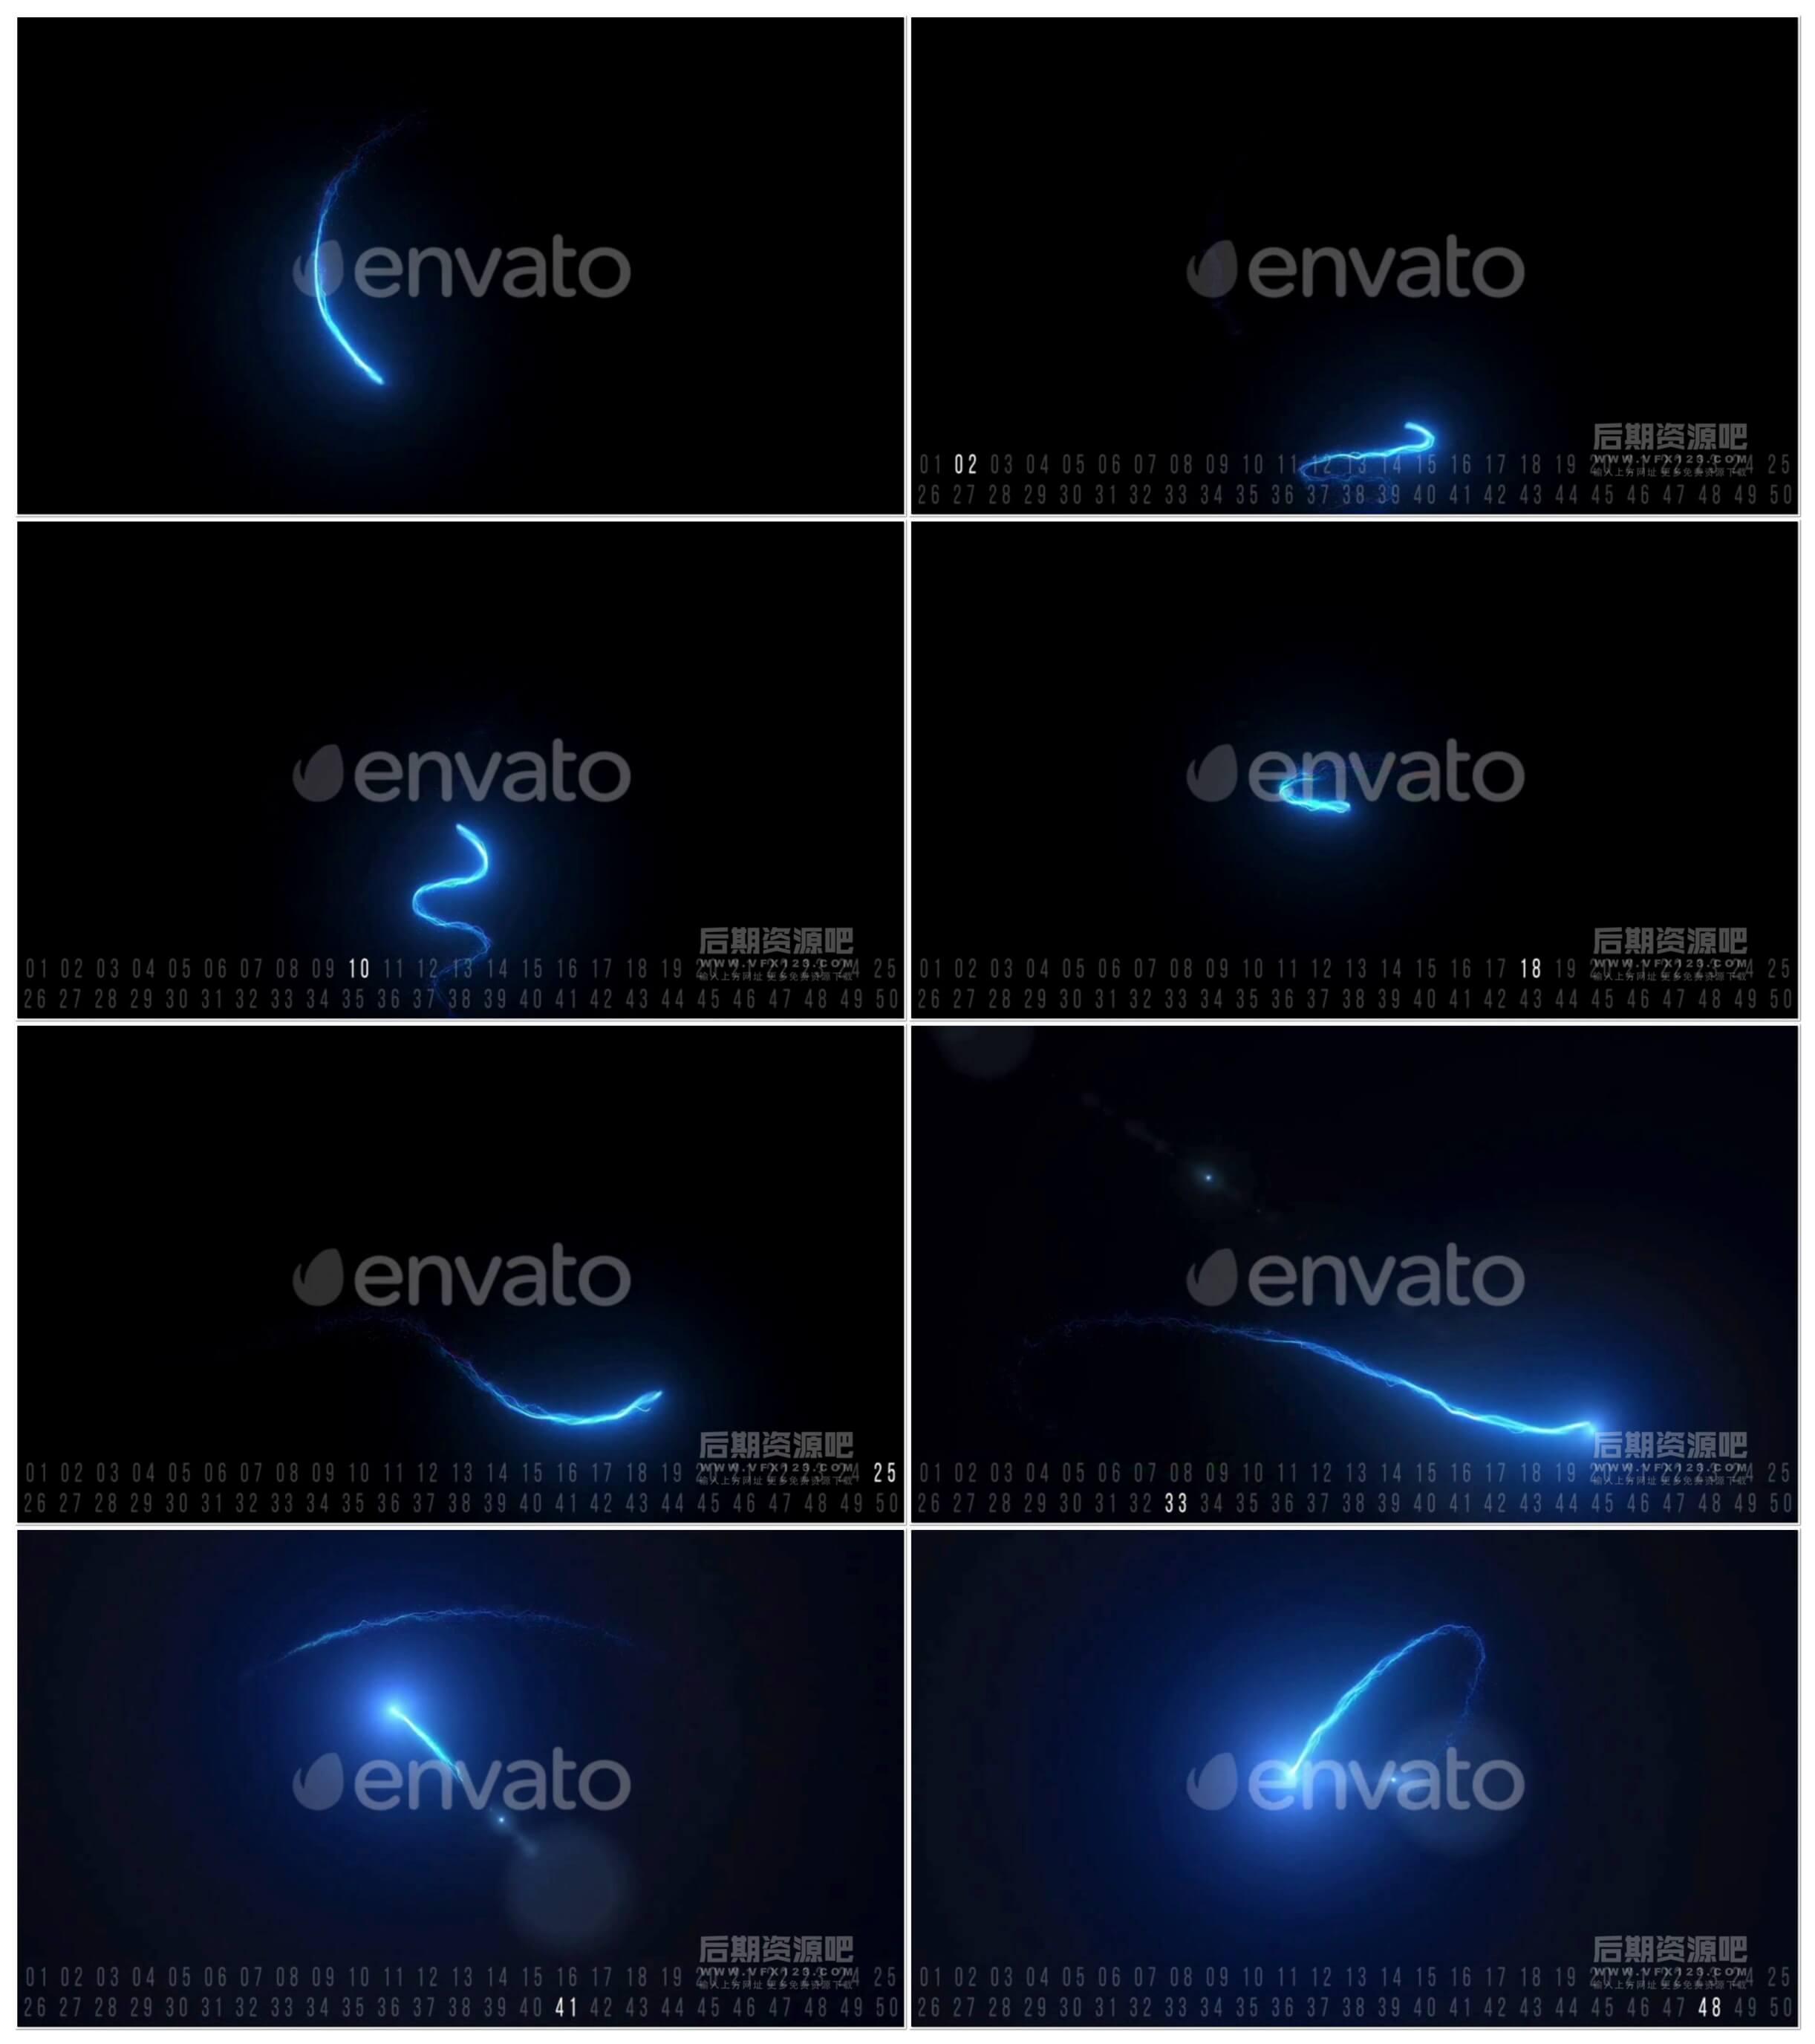 视频素材 50个优雅辉光粒子线条图形动画素材 Elegant Light Streaks